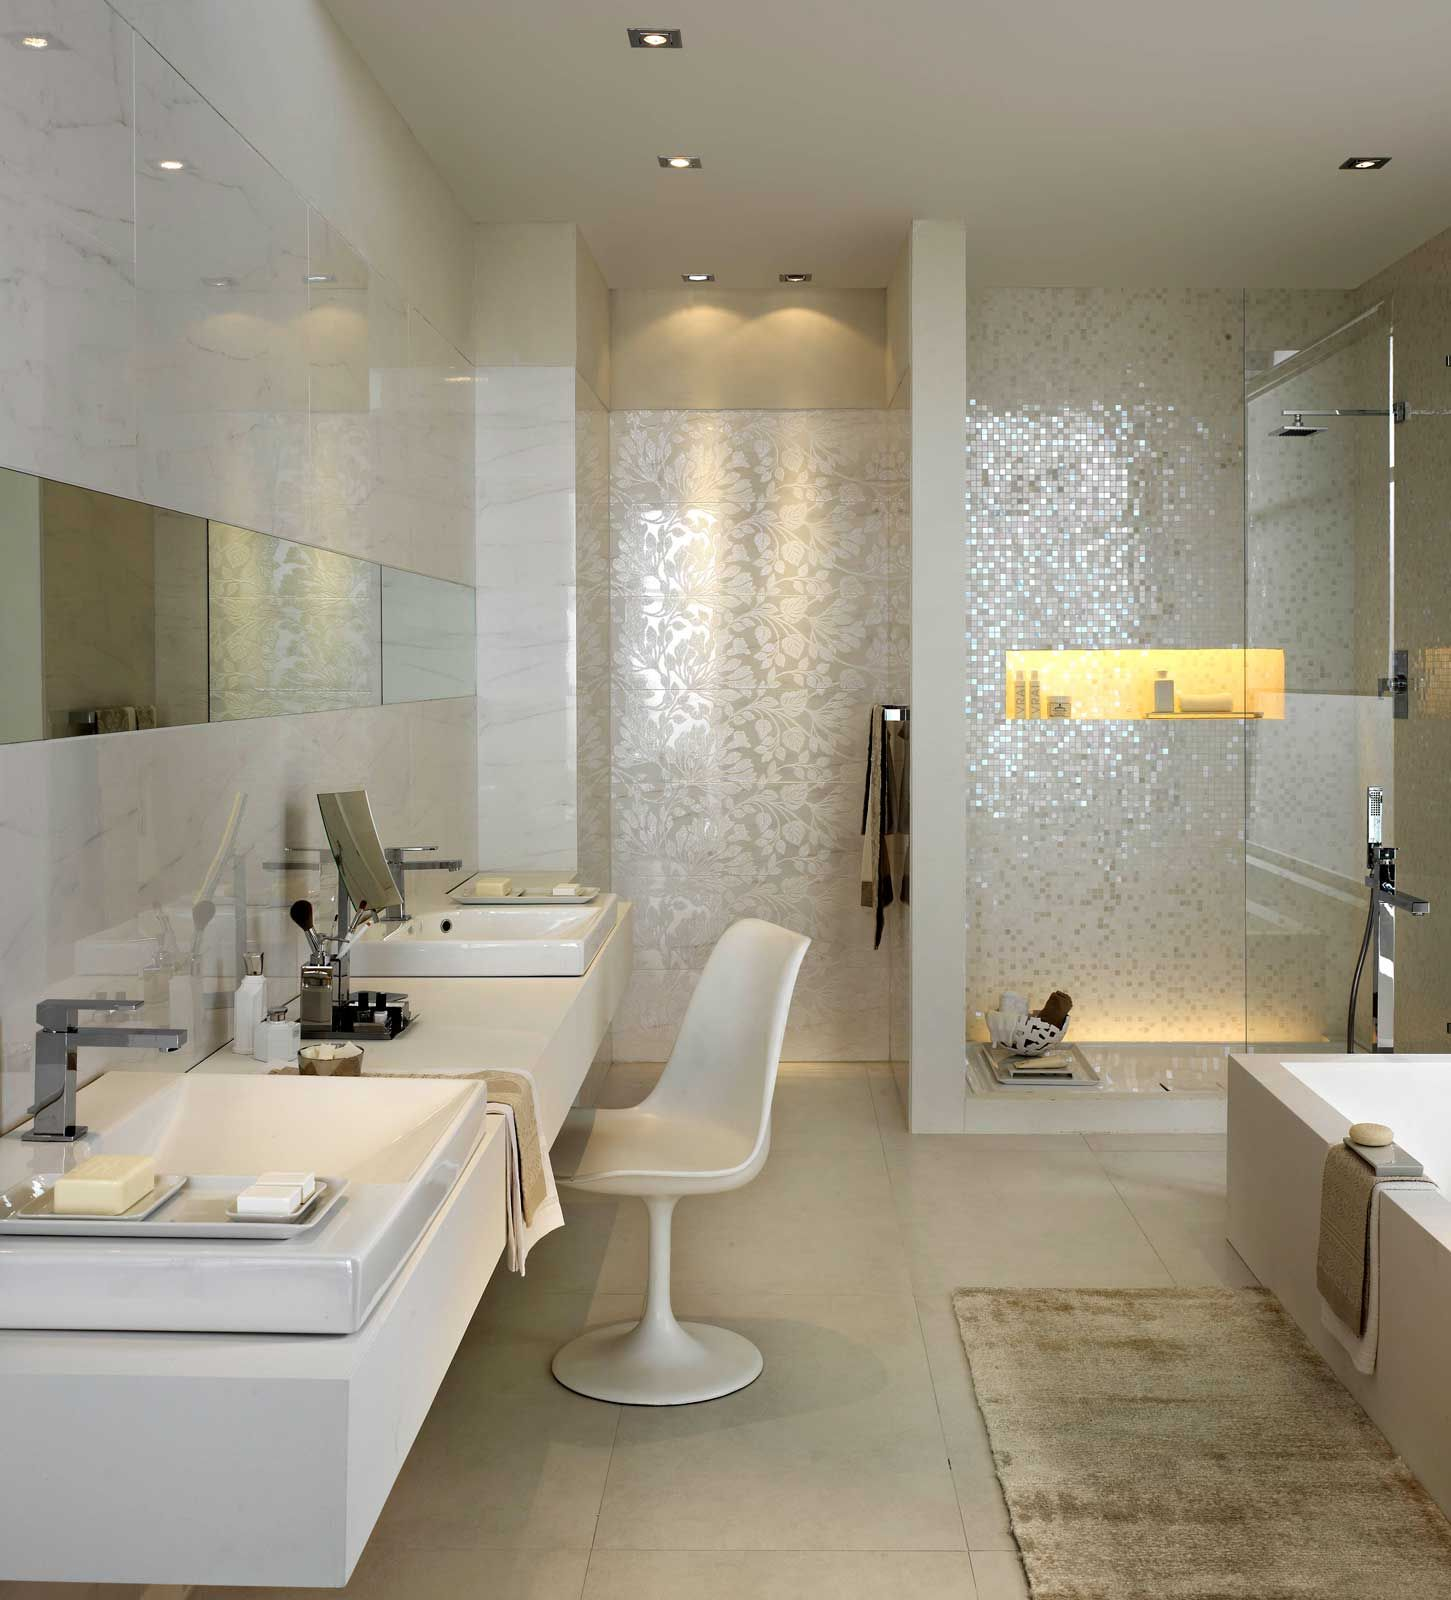 gemauerte dusche mit glas und beleuchteter nische sowie. Black Bedroom Furniture Sets. Home Design Ideas